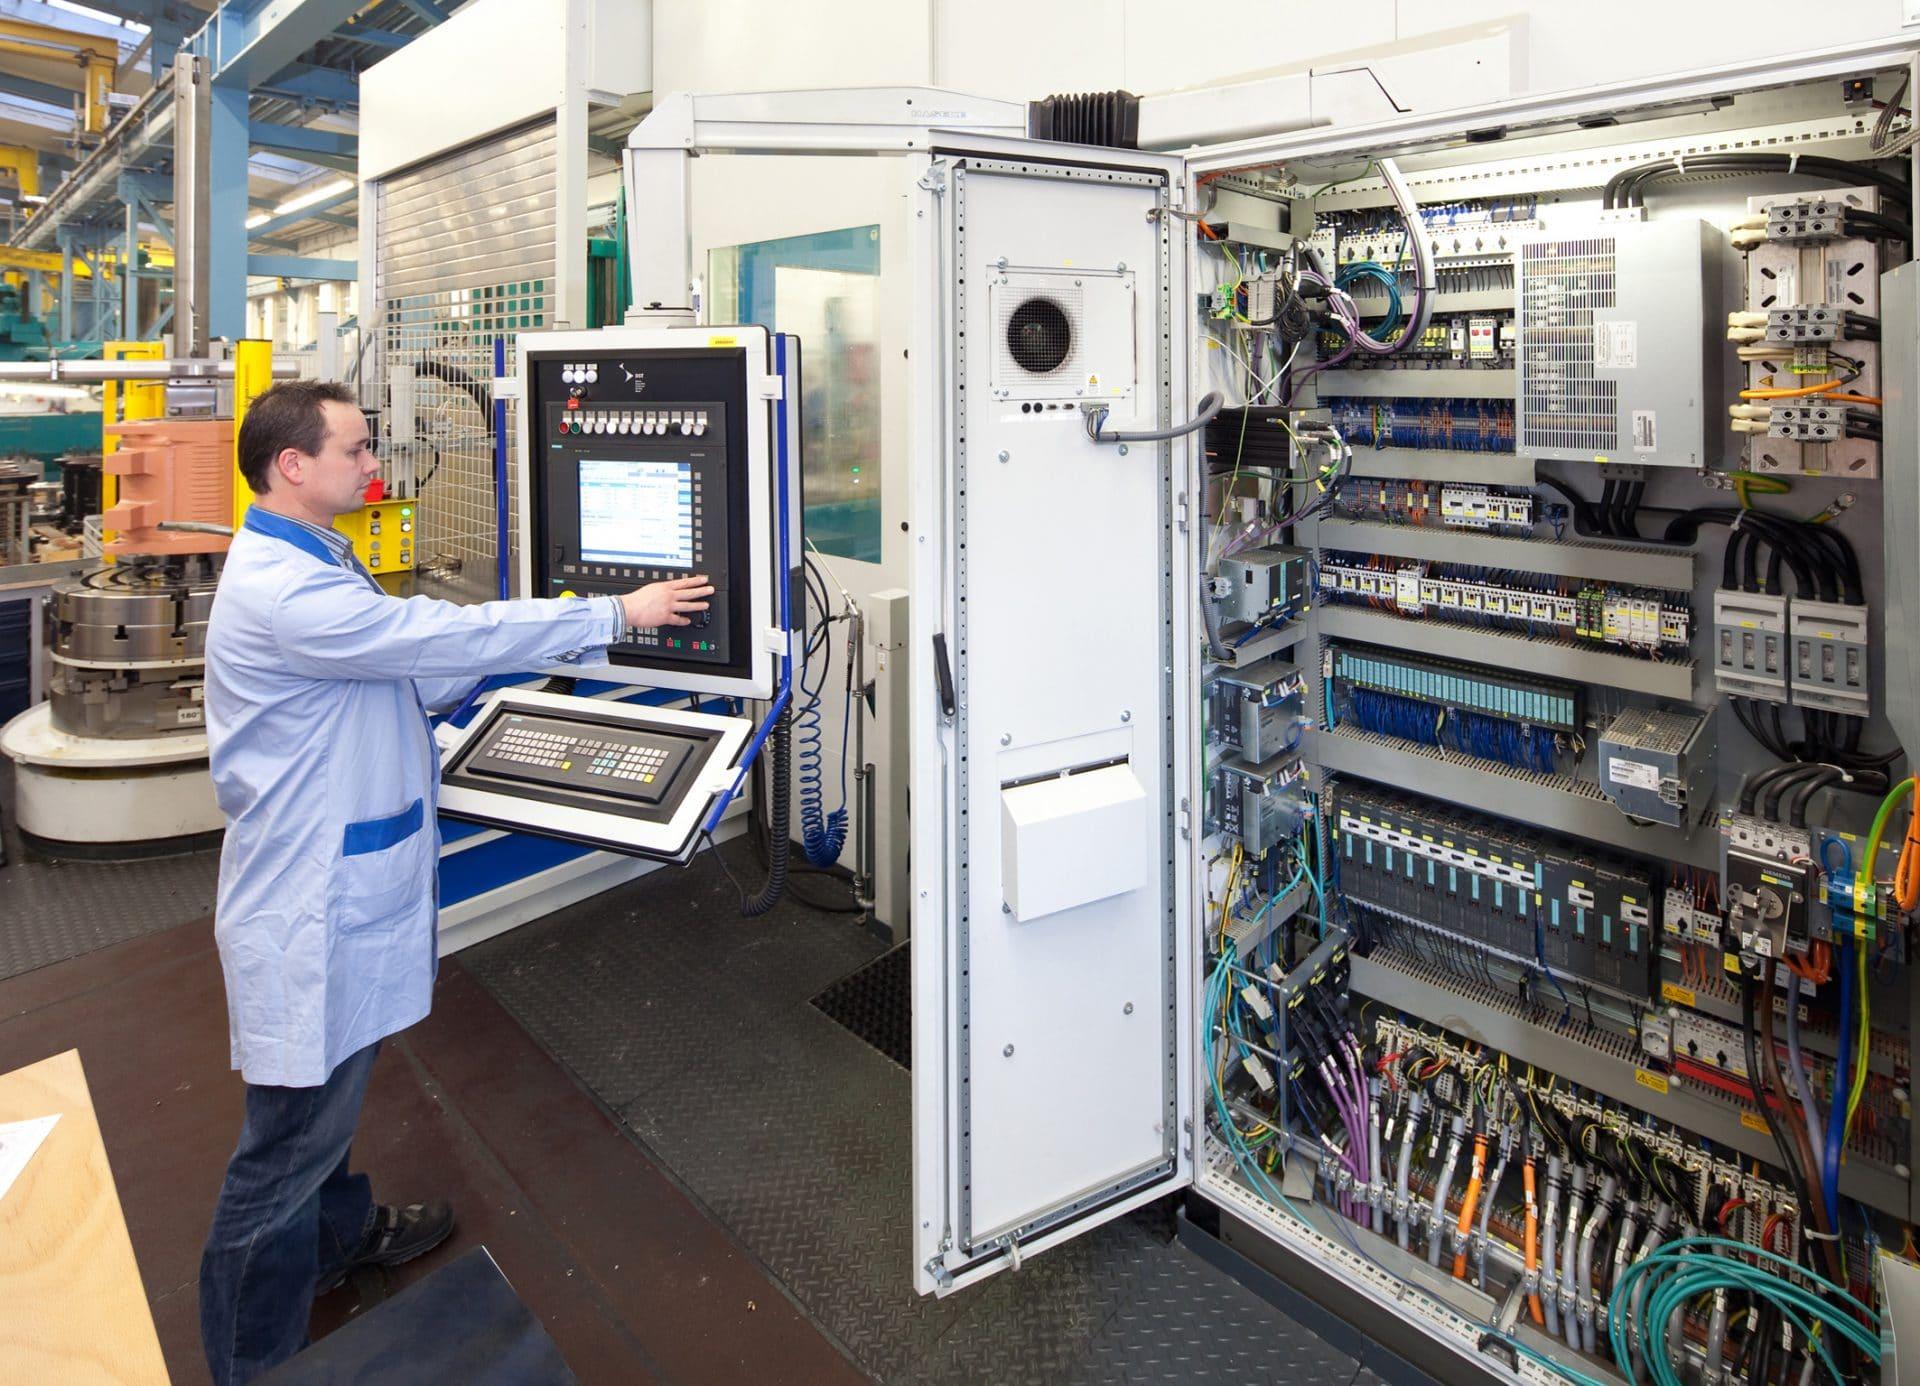 Servicetechniker beim Überprüfen der elektrischen Sicherung eines Dreh-/Fräszentrums.Service technician checking the electrical protection of a machining/milling center.